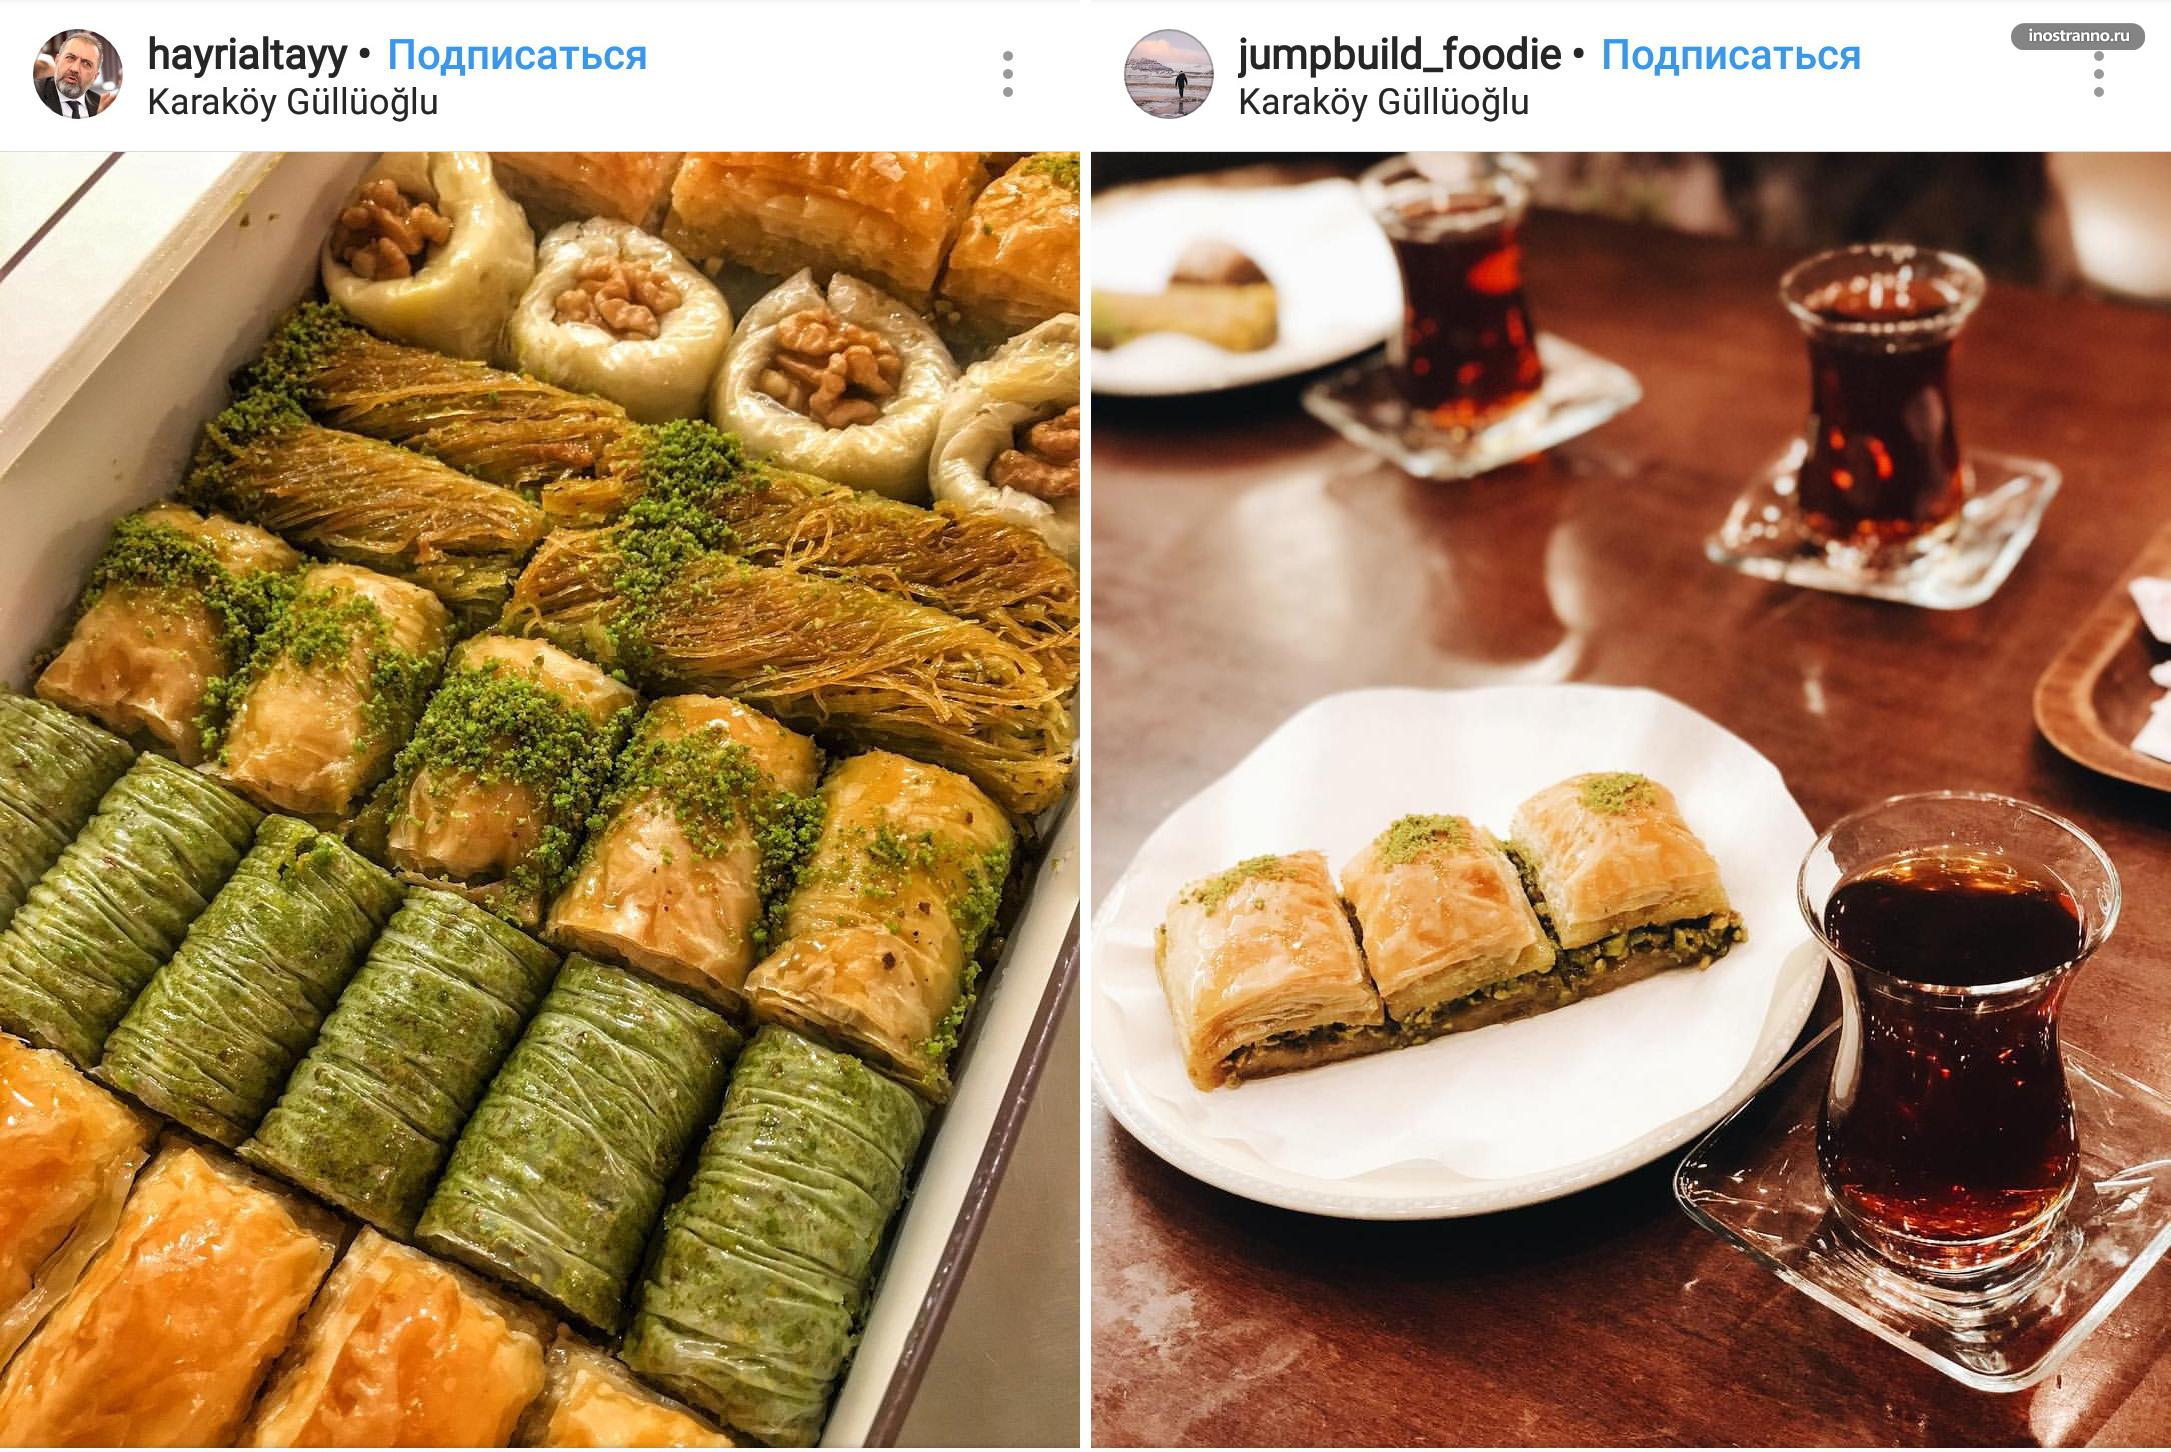 Karakoy Gulluoglu магазин и кофейня с турецкими сладостями в центре Стамбула